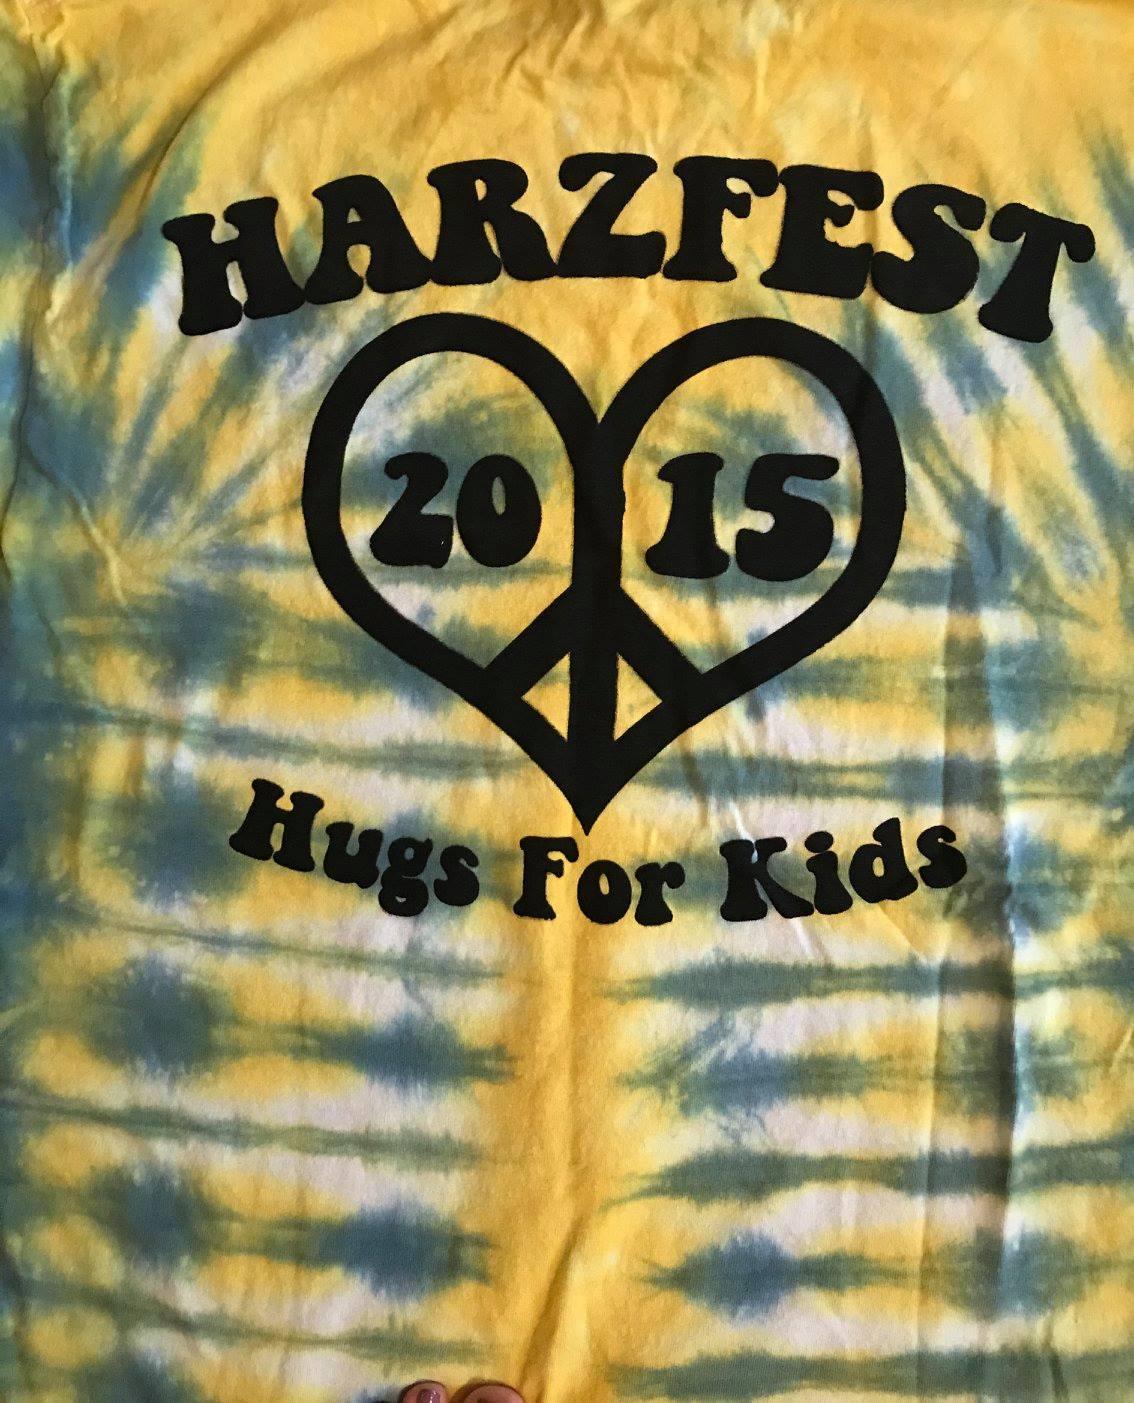 Harzfest 2015 Tshirt.jpg